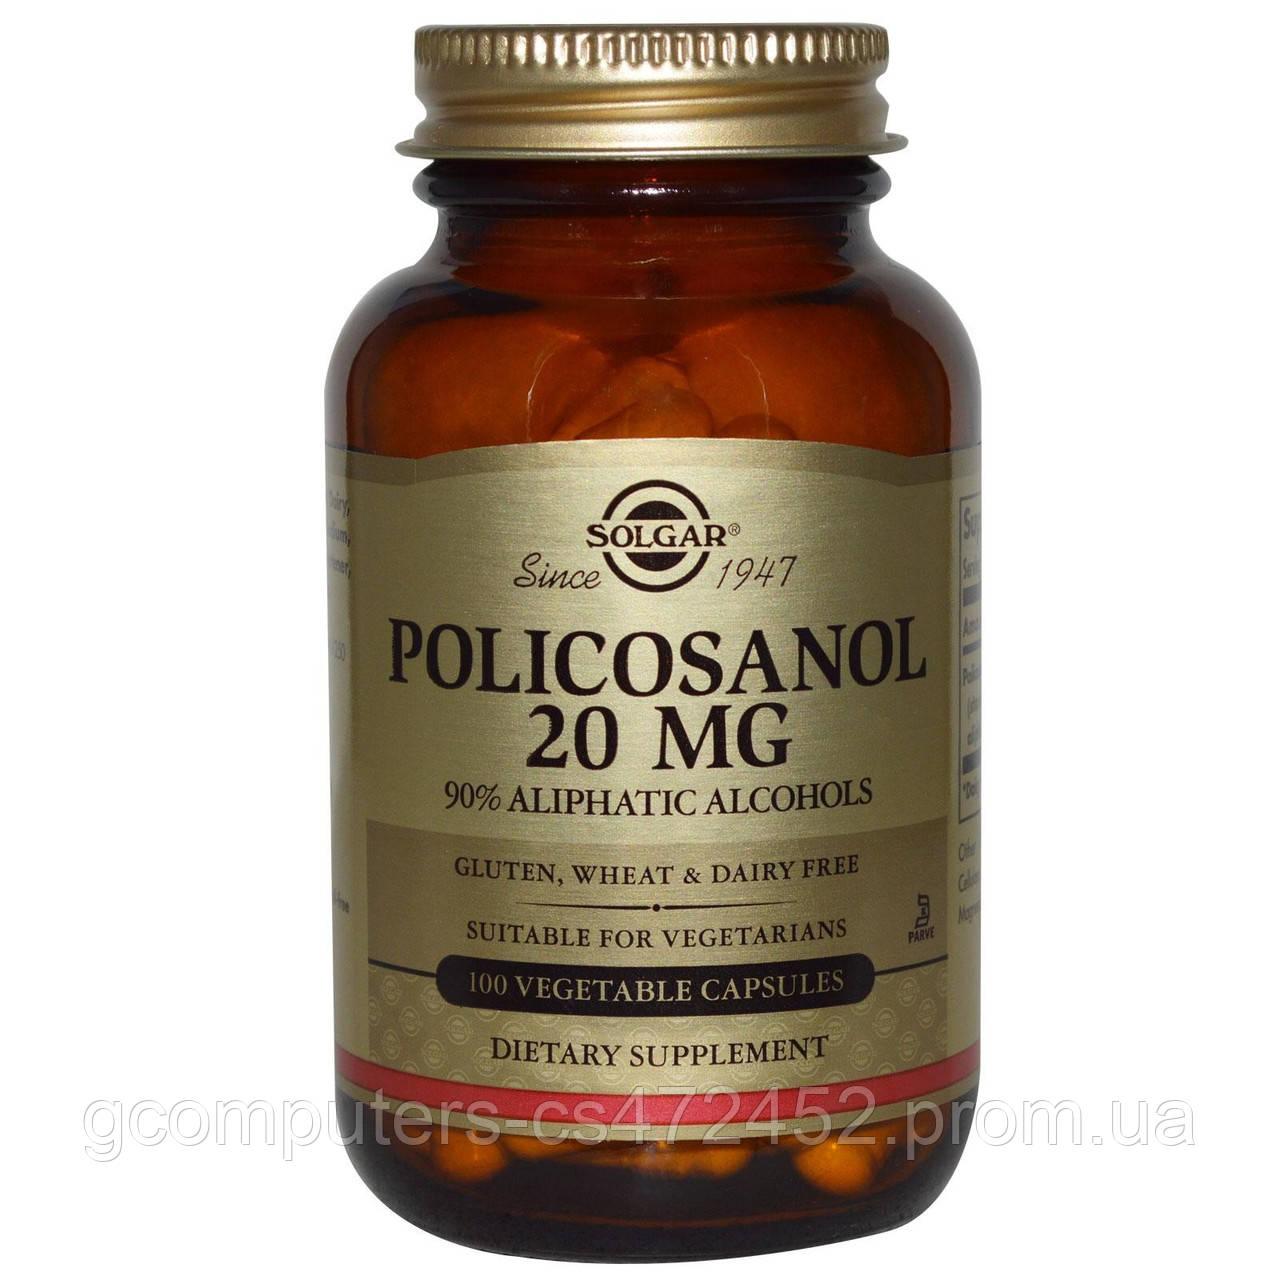 биодобавки снижения холестерина